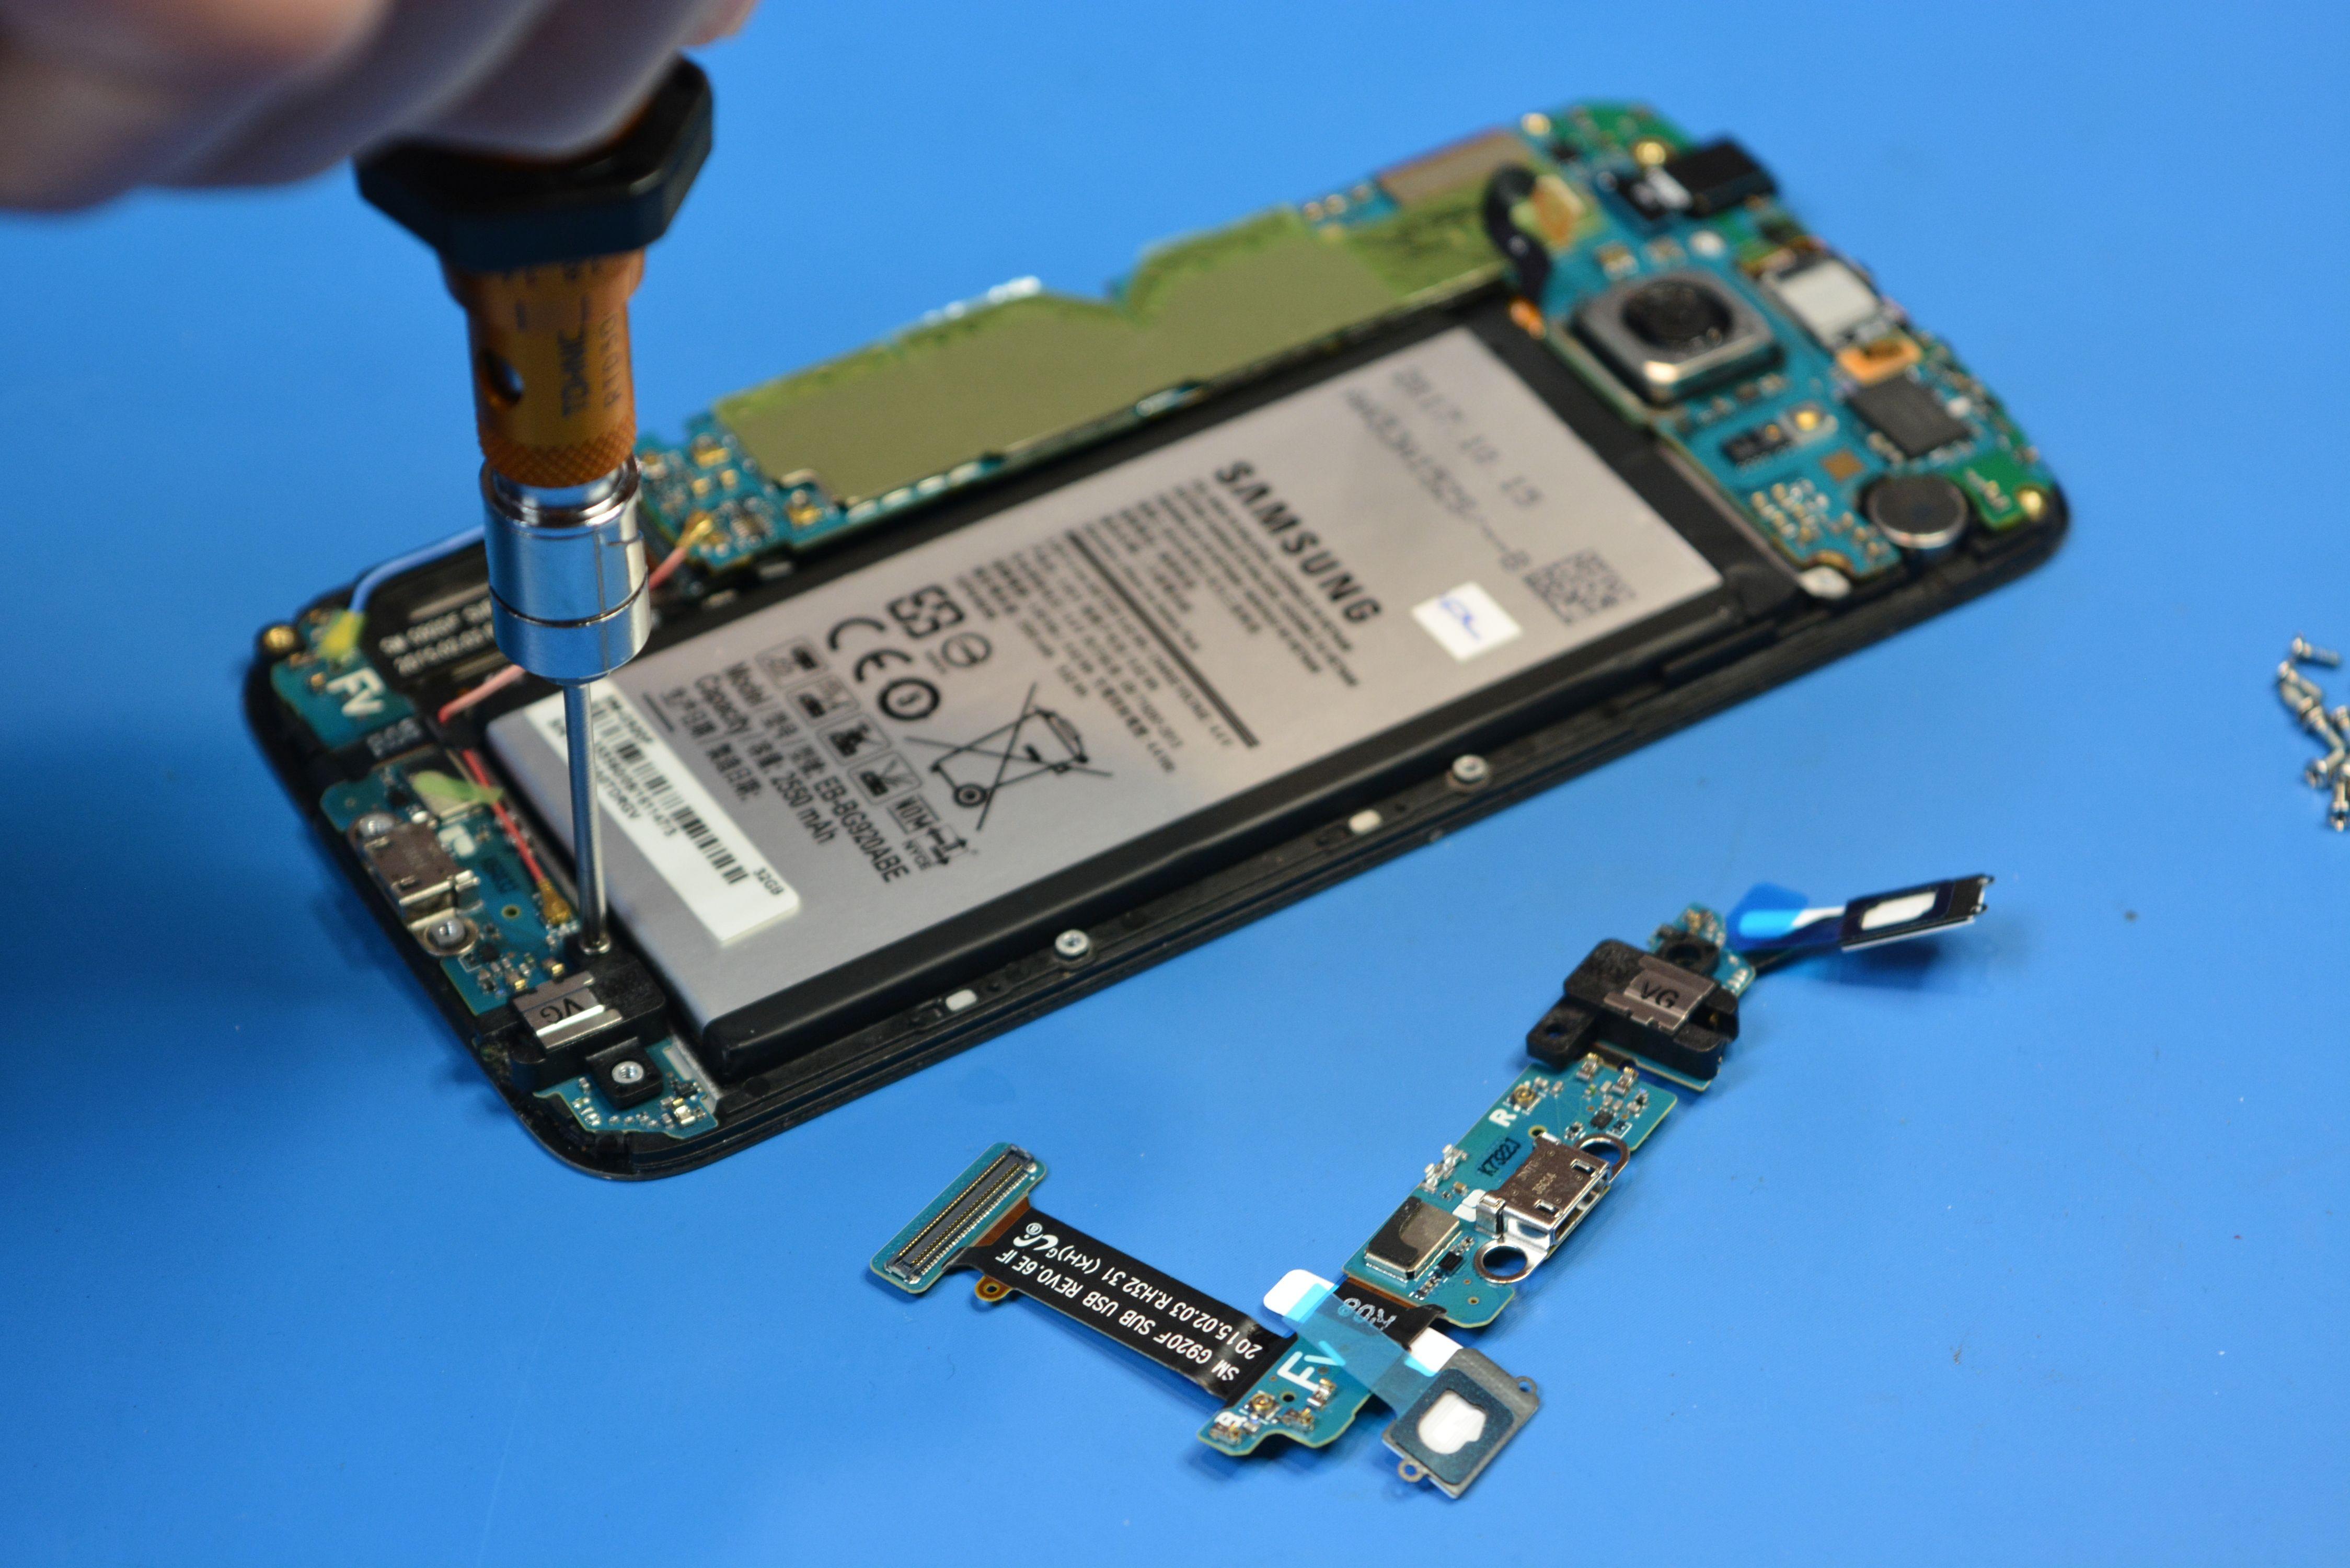 Wszystkie naprawy wykonujemy samodzielnie co gwarantuje najkrótszy, możliwy czas obsługi. Większość napraw wykonujemy praktycznie od ręki, w kilka godzin, często tego samego dnia, ewentualnie na następny dzień roboczy. Czas naprawy zależy w dużym stopniu od skali uszkodzeń oraz przestrzegania procedur nałożonych przez dział techniczny producenta urządzeń Samsung.